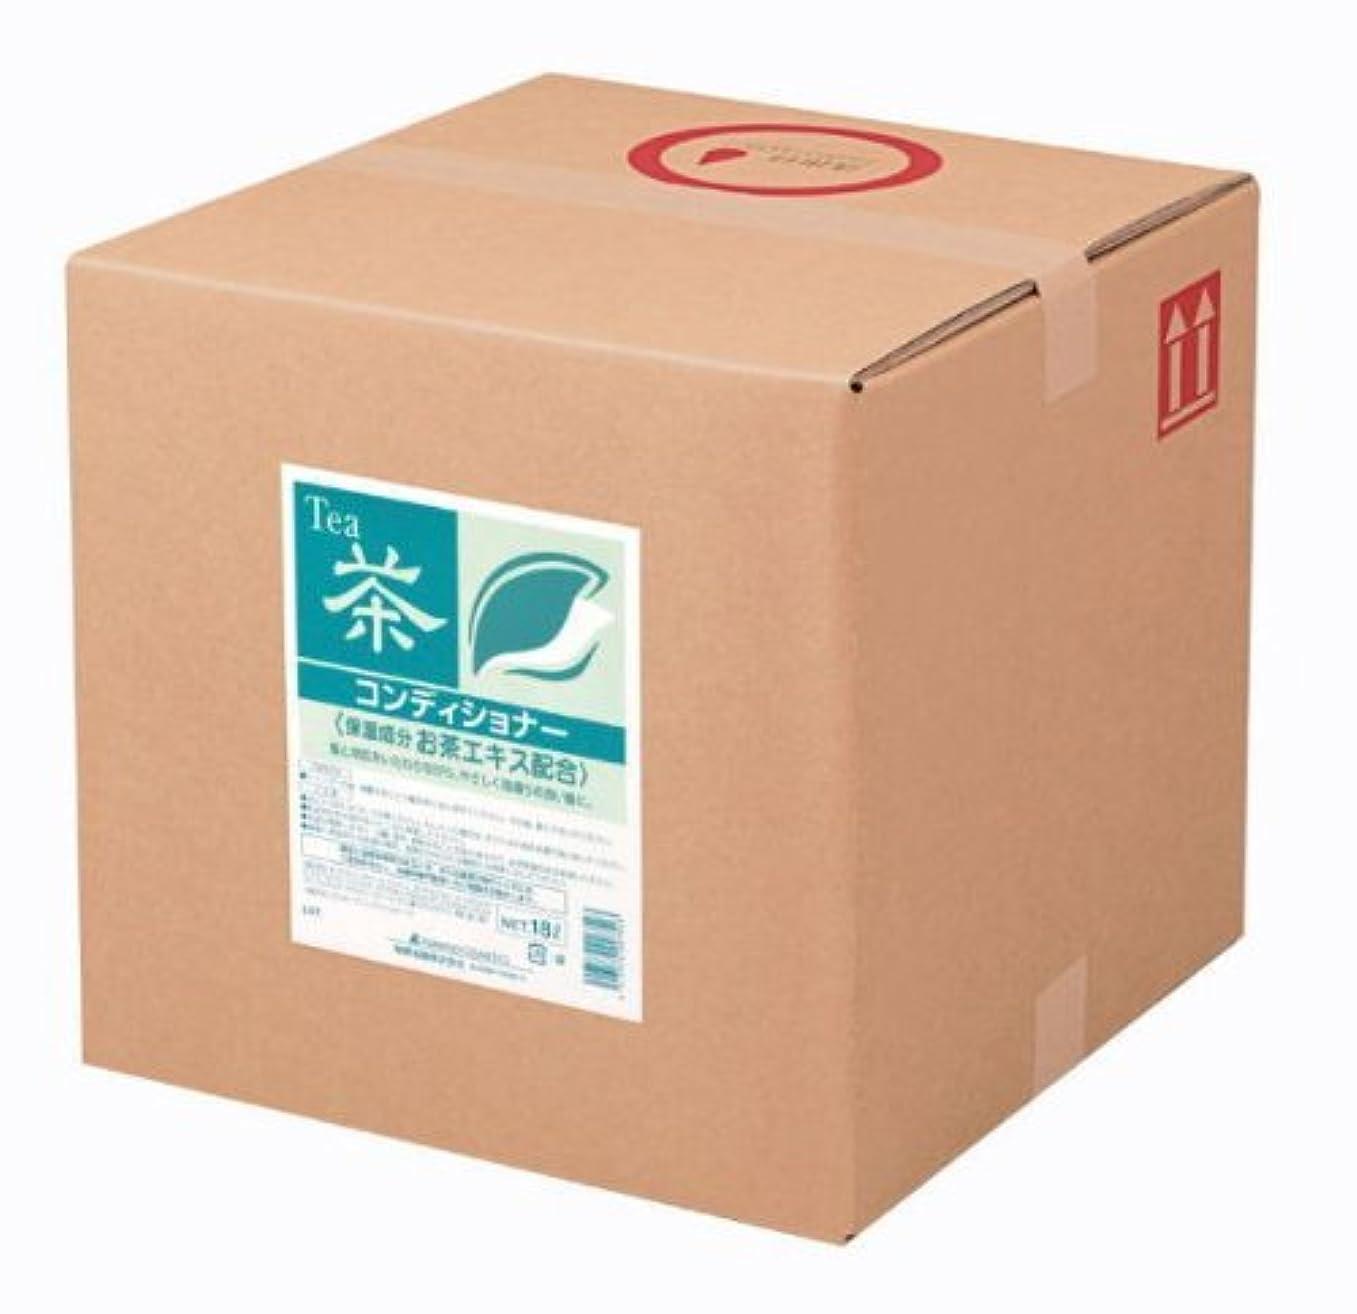 買う蒸応答熊野油脂 業務用 お茶 コンディショナー 18L